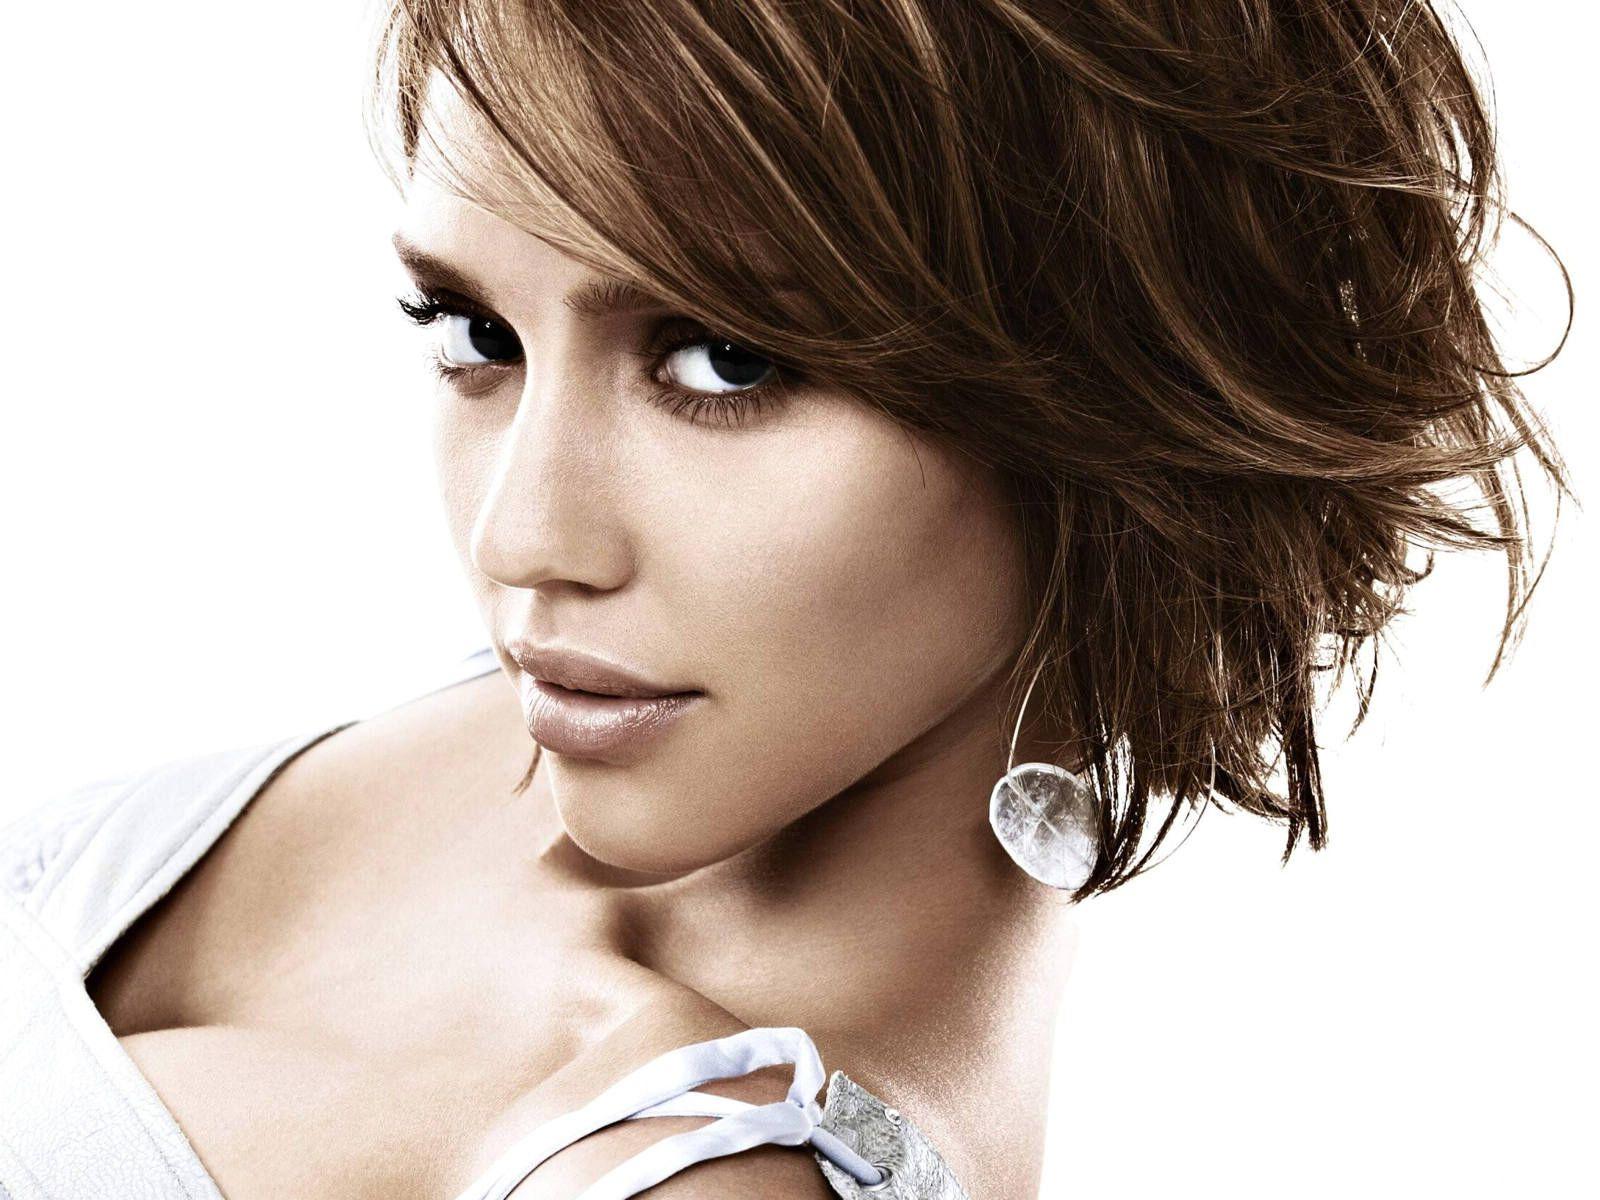 Jessica Alba Short Hair Photo - 6   Hair Ideas   Pinterest   Hair with Jessica Alba Short Haircuts